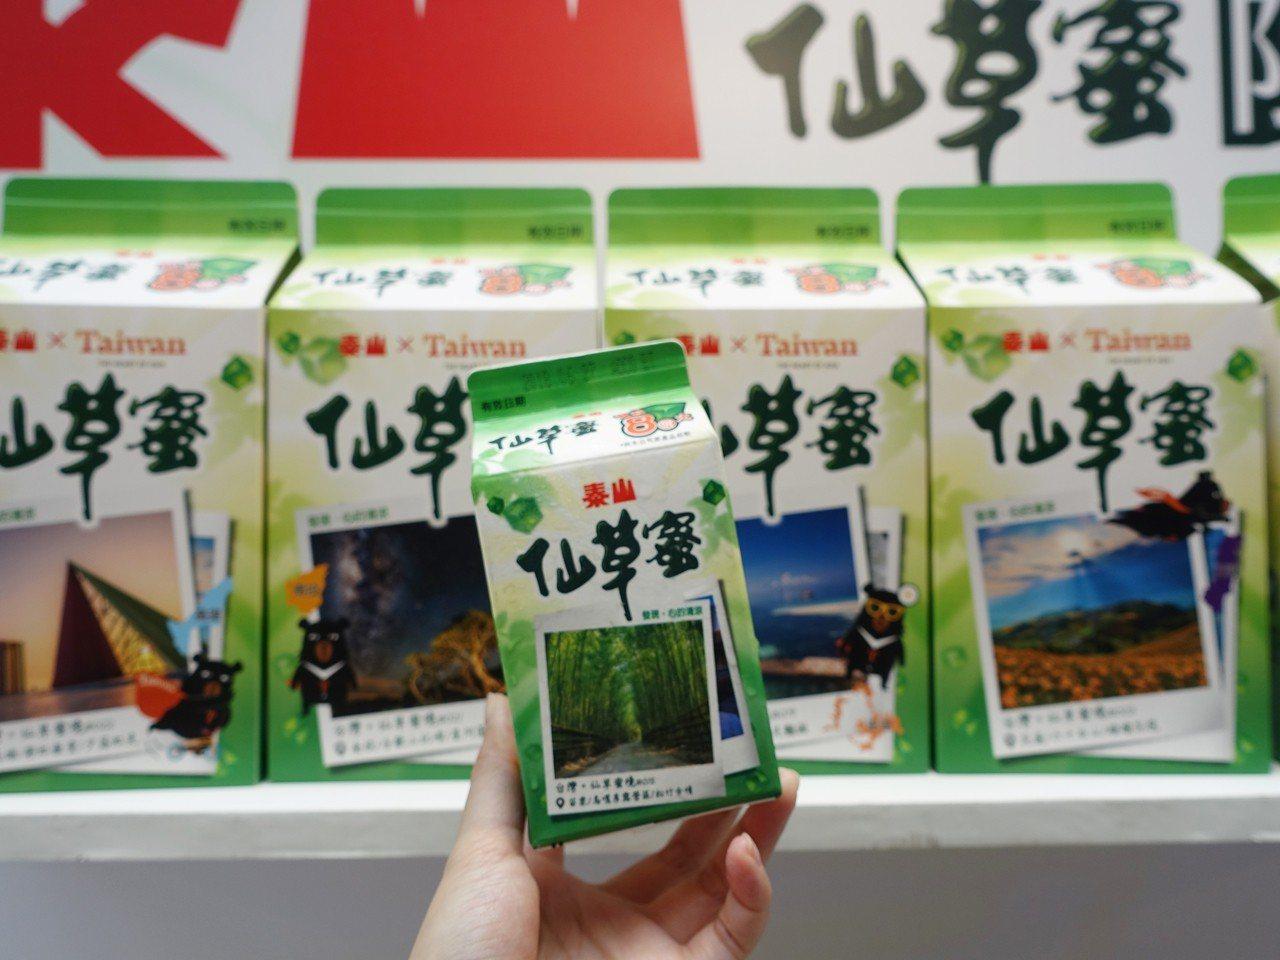 泰山仙草蜜「蜜」境包裝。記者張芳瑜/攝影